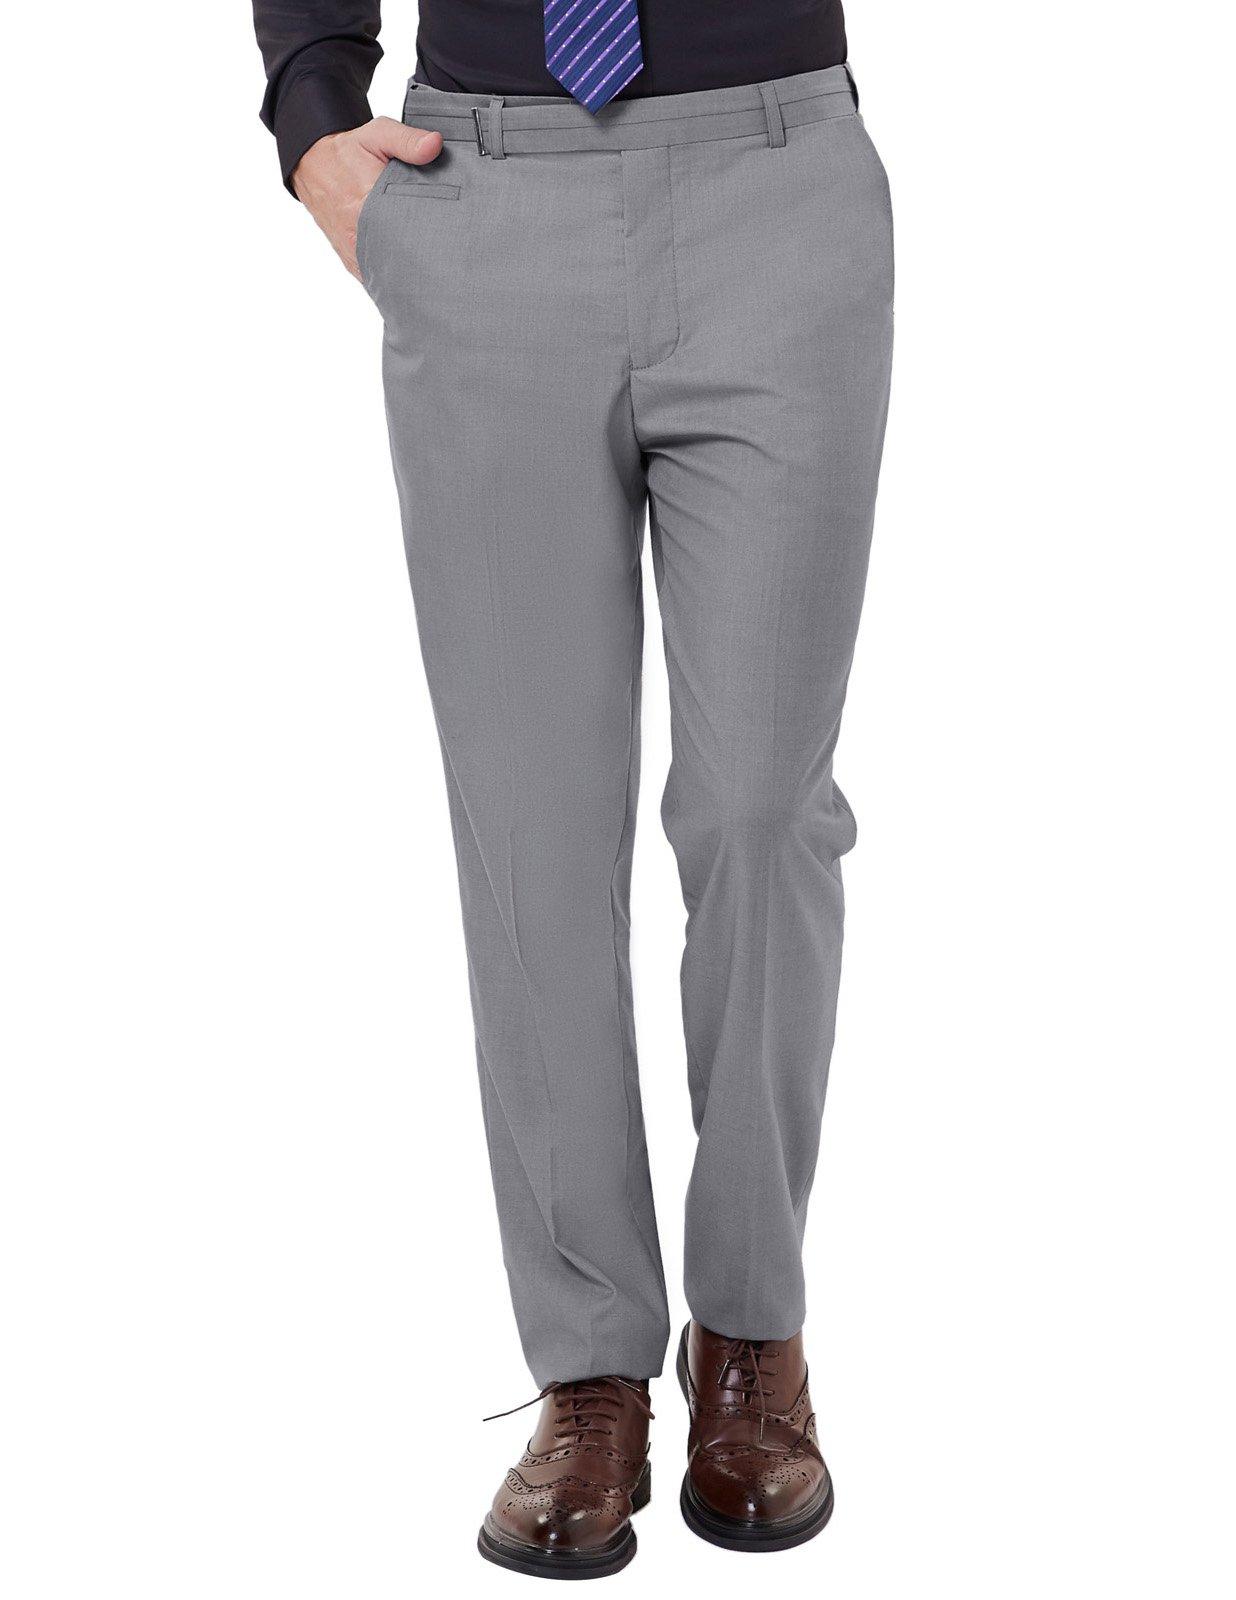 PAUL JONES Grey Semi Formal Dress Pants for Men Performance Chino